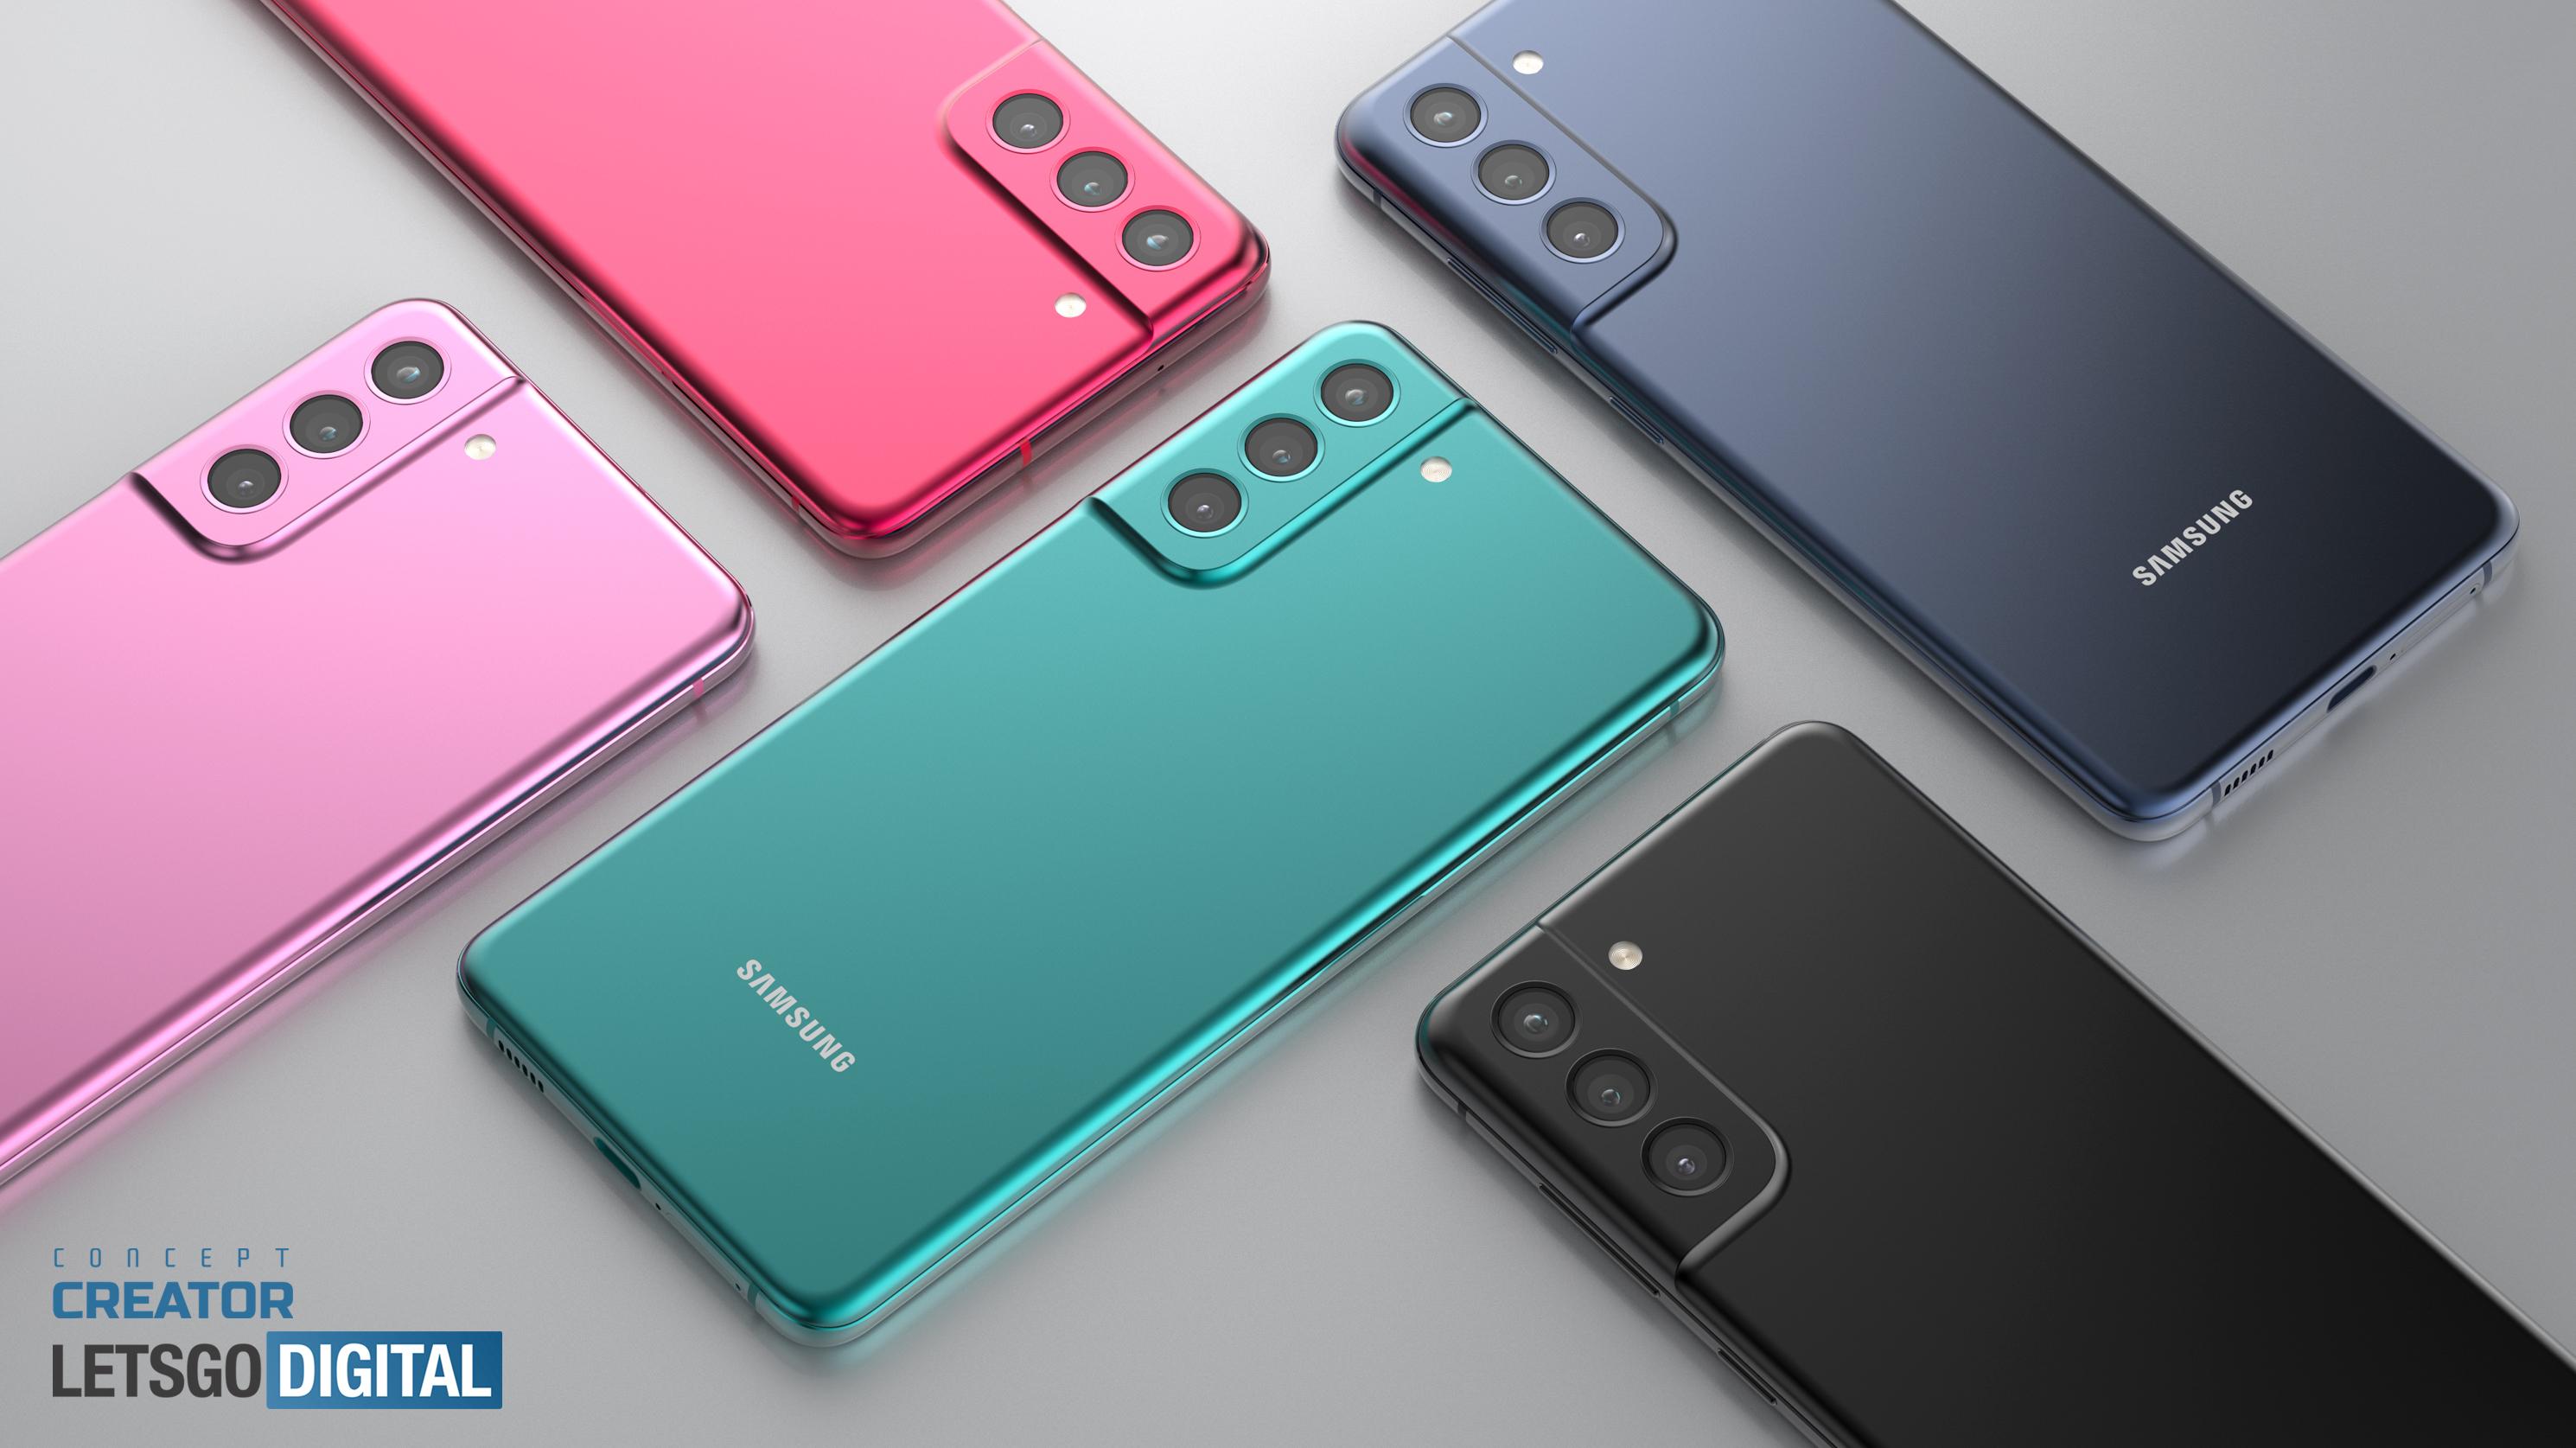 Новый доступный флагман Samsung Galaxy S21 FE будет почти на 200 долларов дешевле предшественника